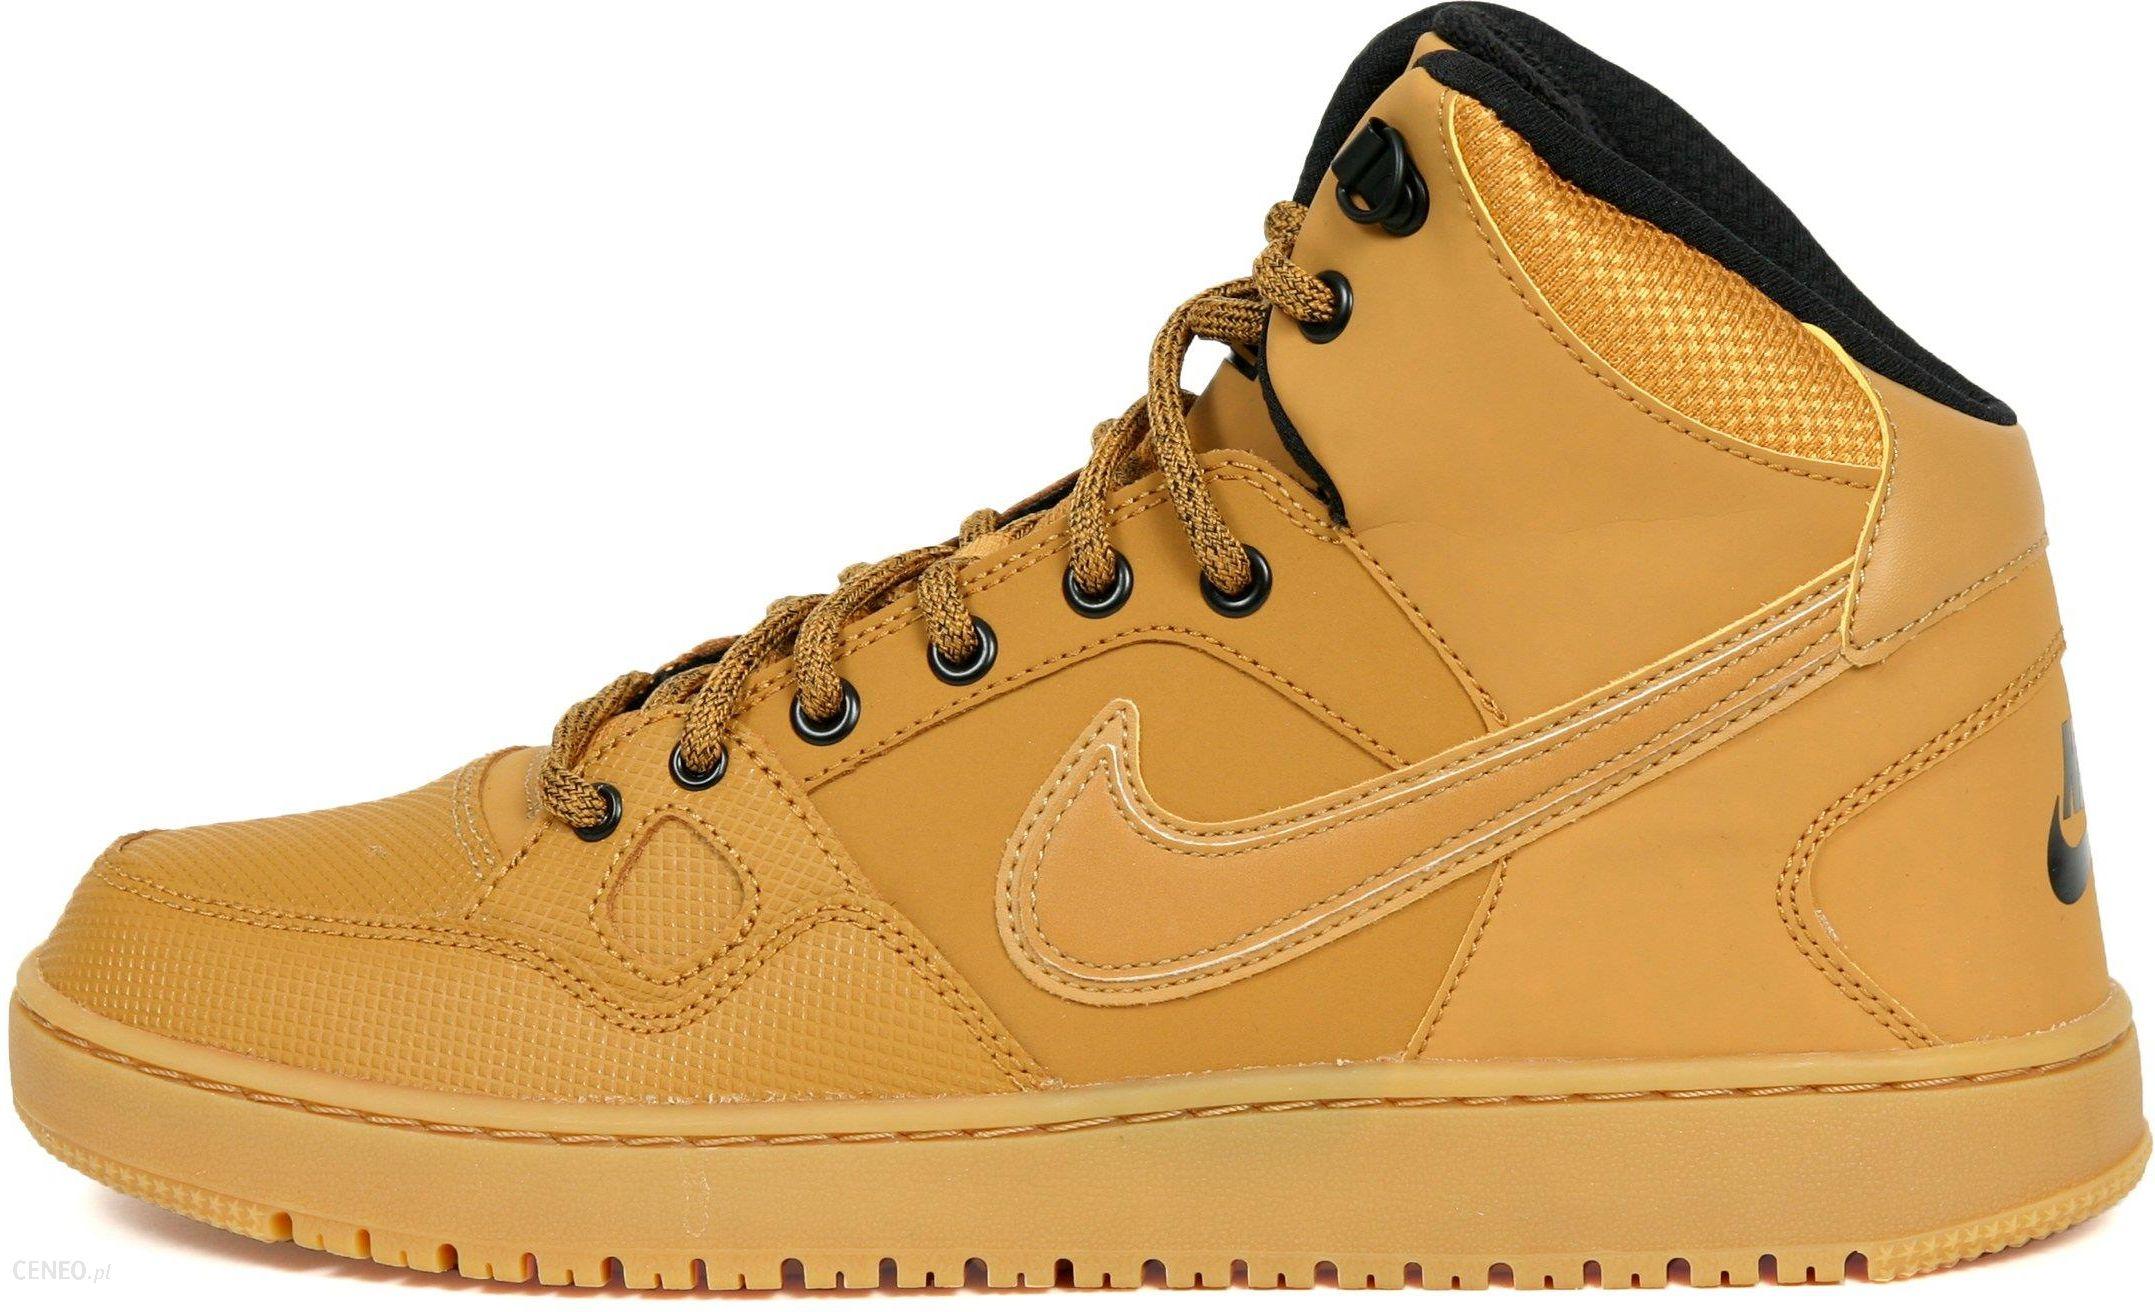 Buty zimowe męskie Nike Air Force 1 MID GS (807392 700)